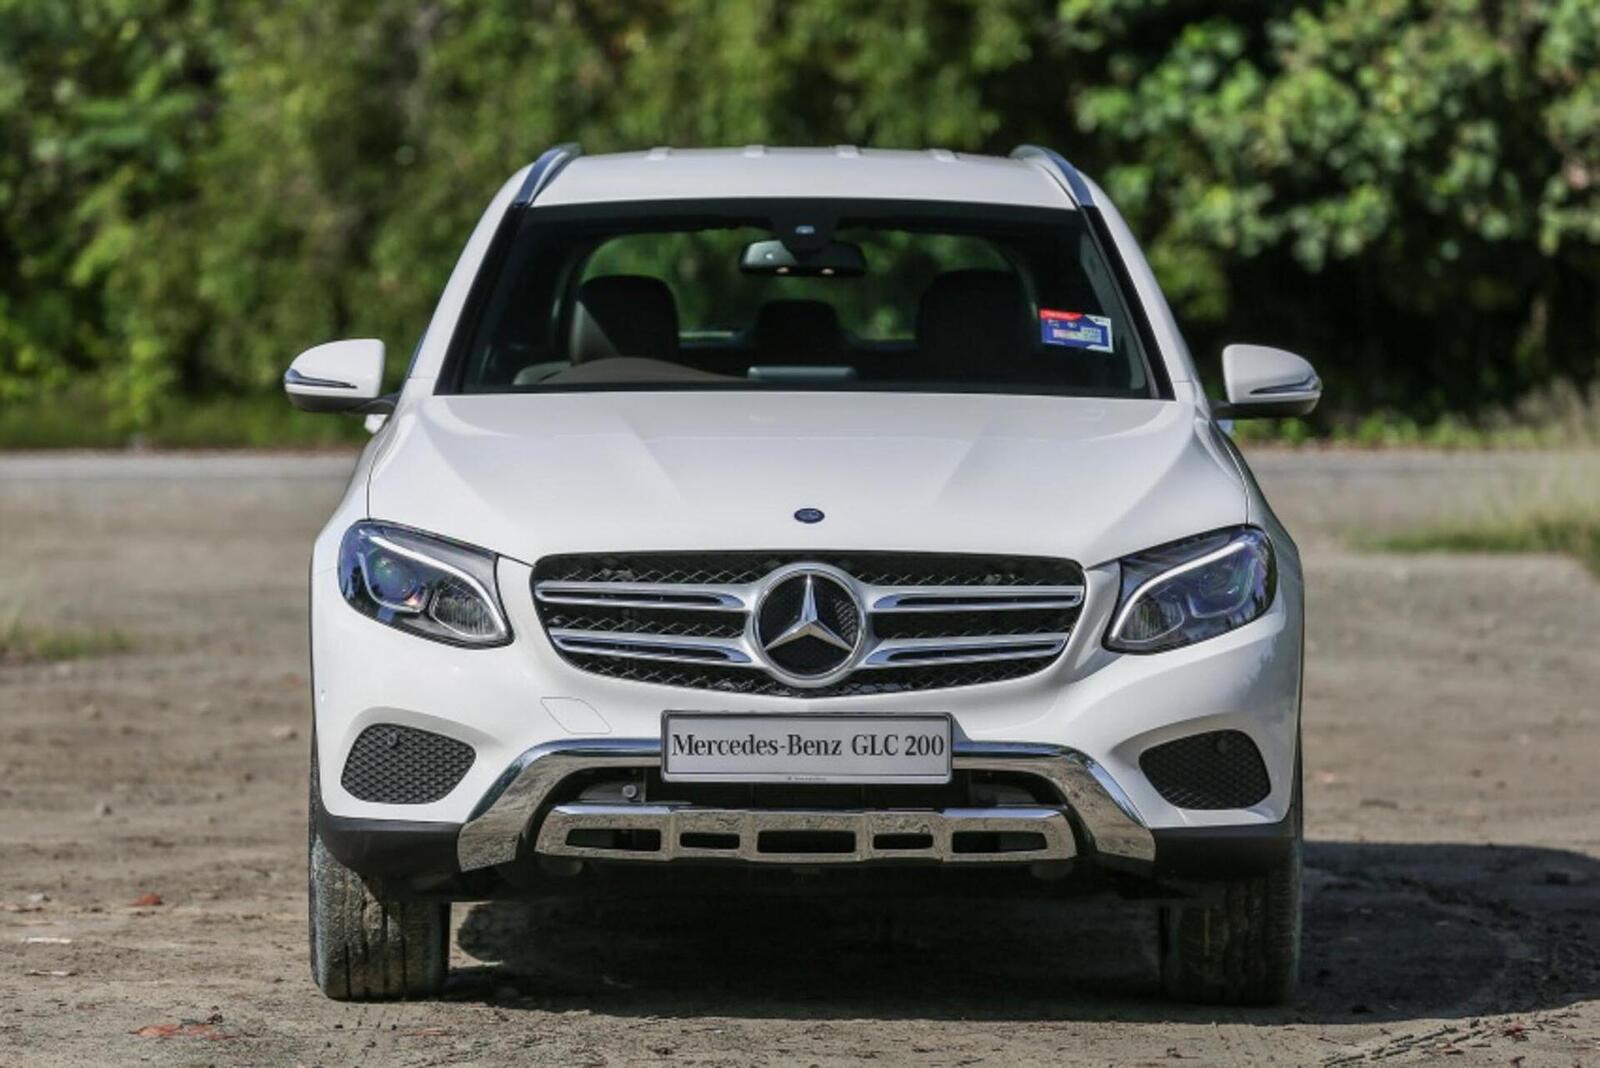 Mercedes-Benz GLC 200 có thể sẽ về Việt Nam với giá rẻ hơn - Hình 2